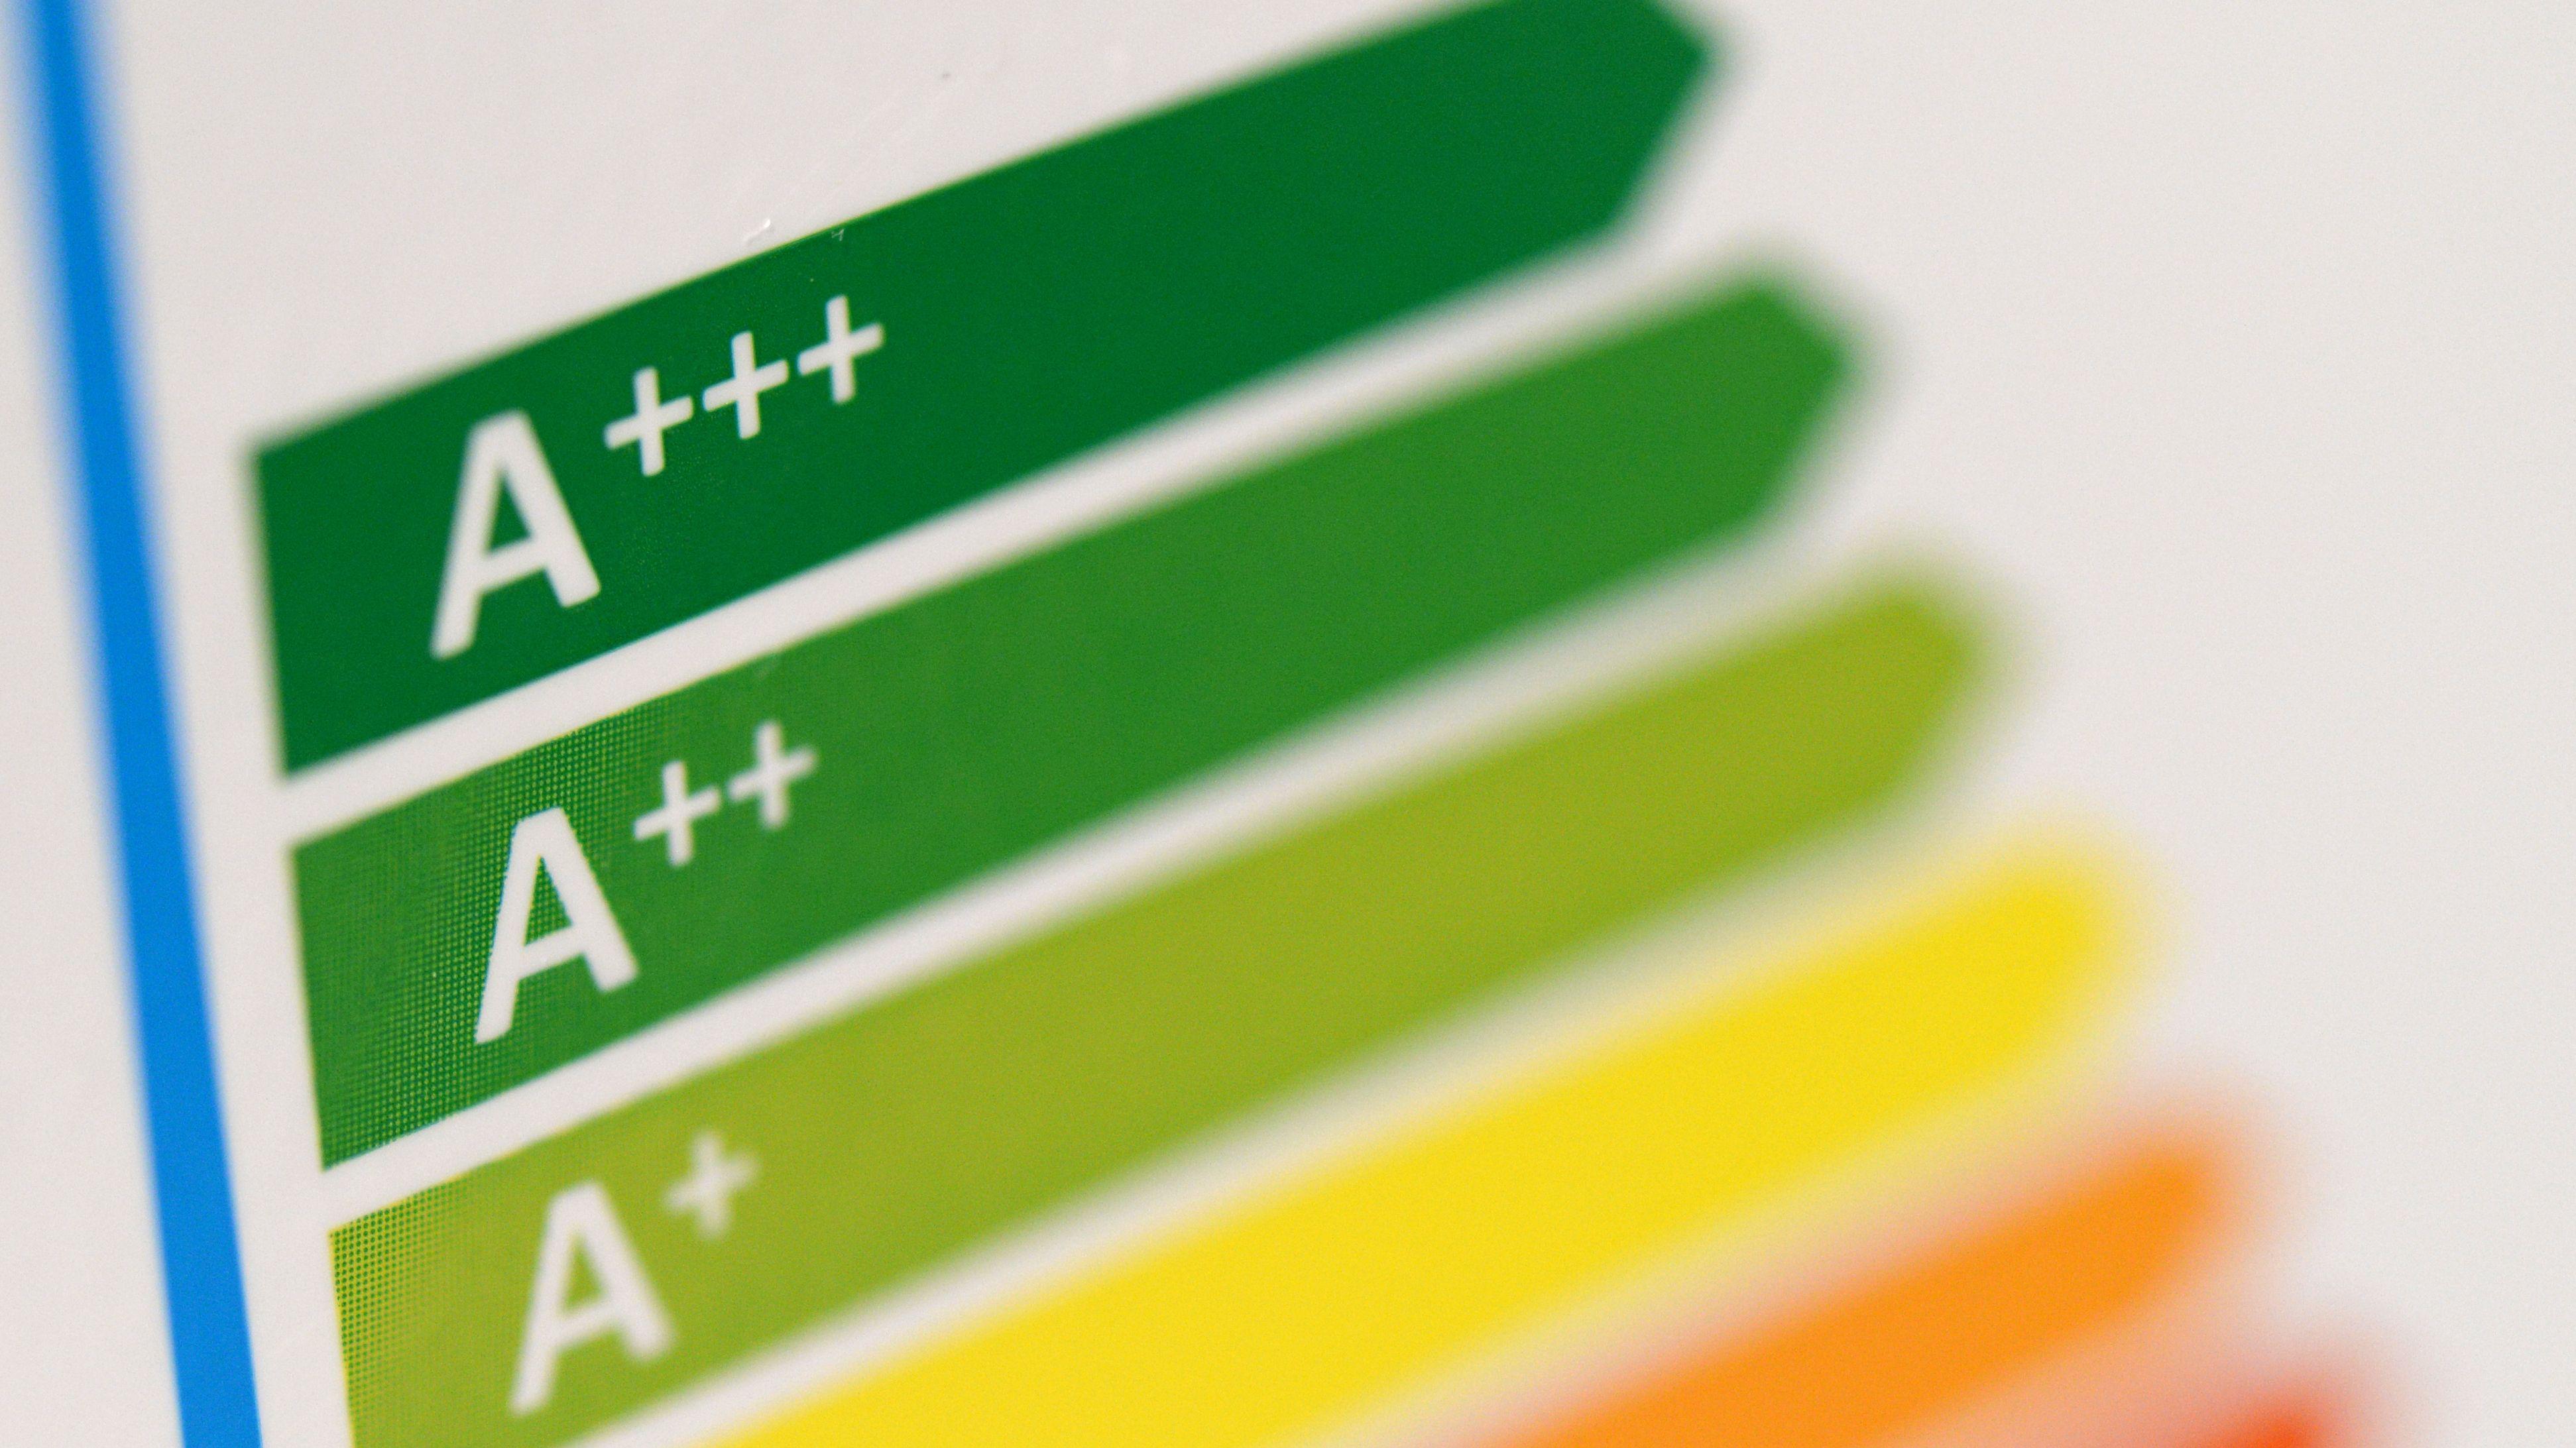 Ein Energielabel mit Ausweisung der Energieeffizienklassen